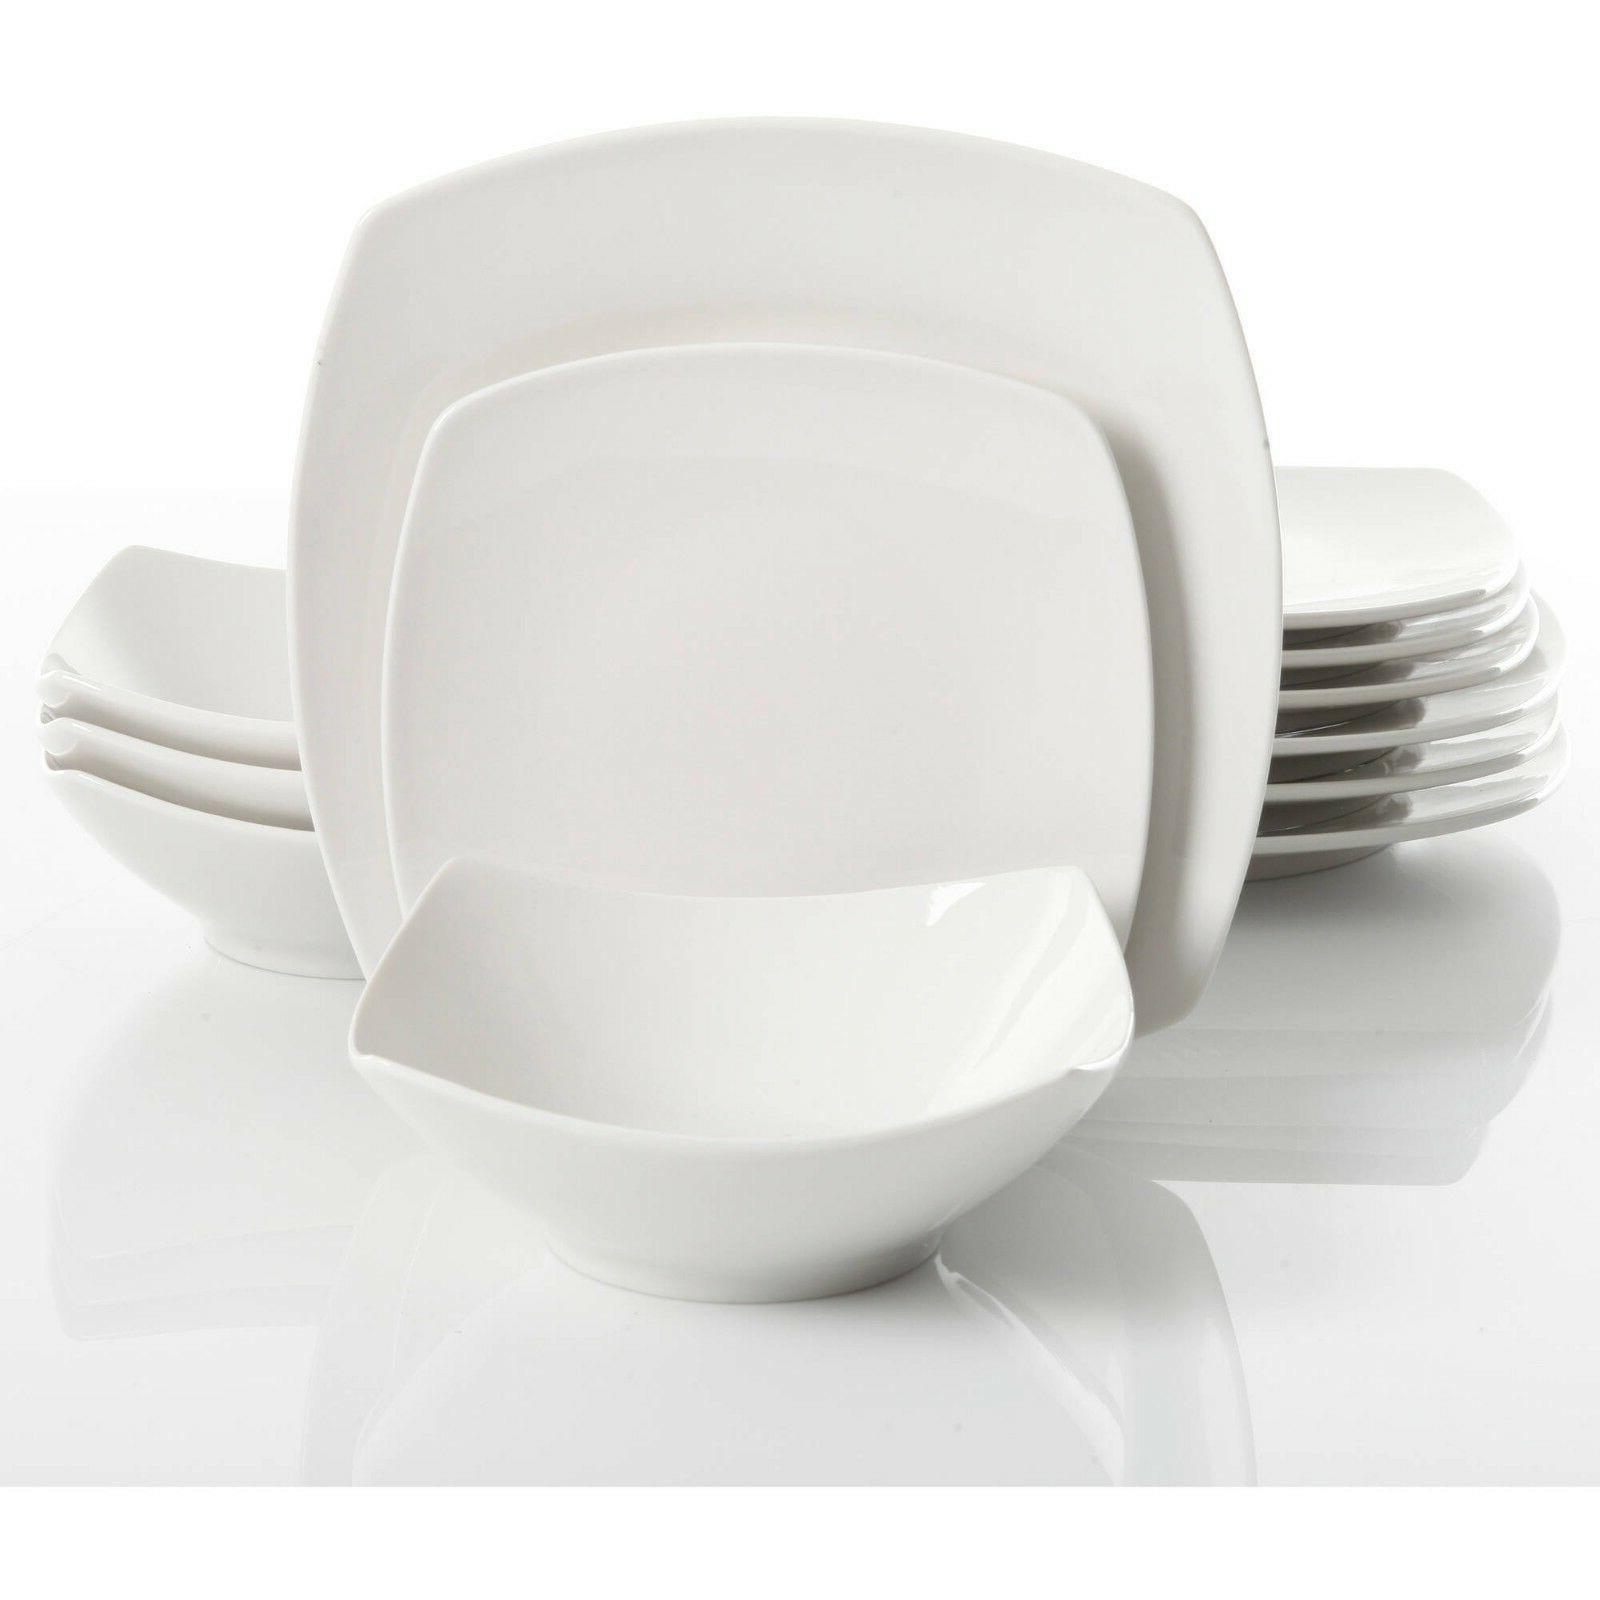 Dinnerware Banquet Piece White Dinner Plates